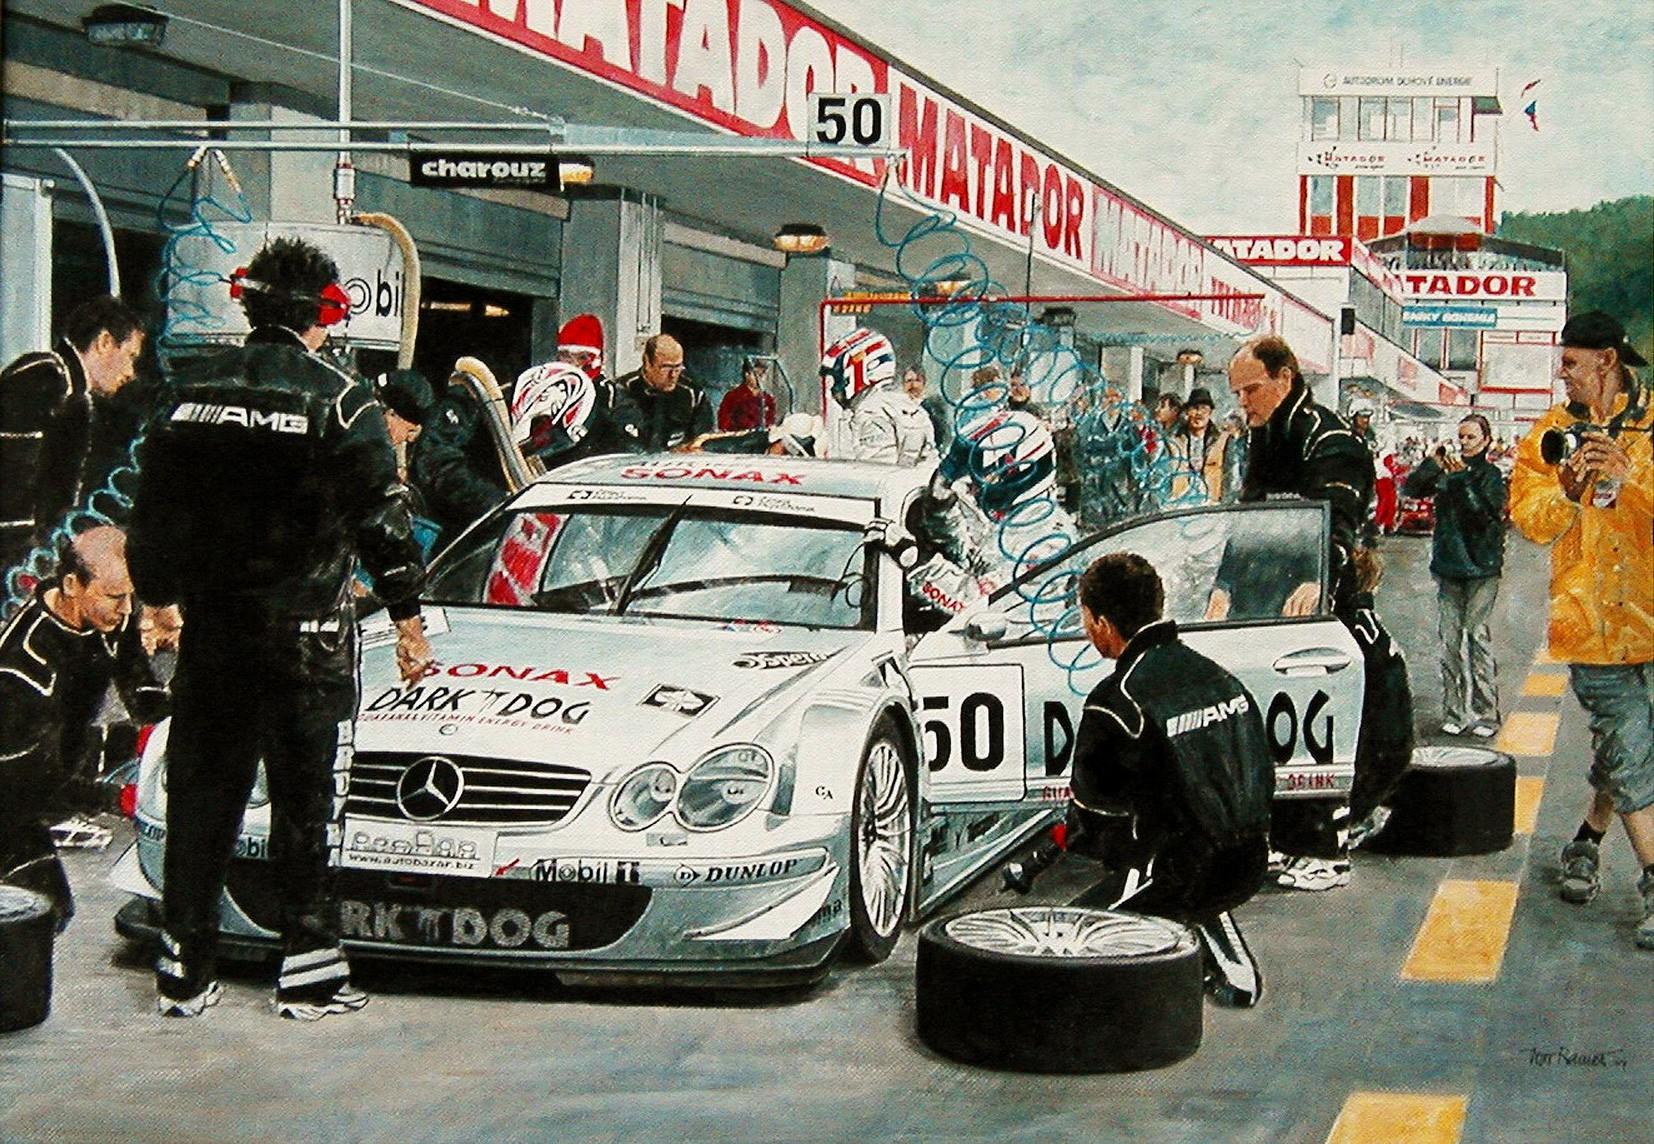 Pit Stop Mercedes-Benz CLK/DTM 2004